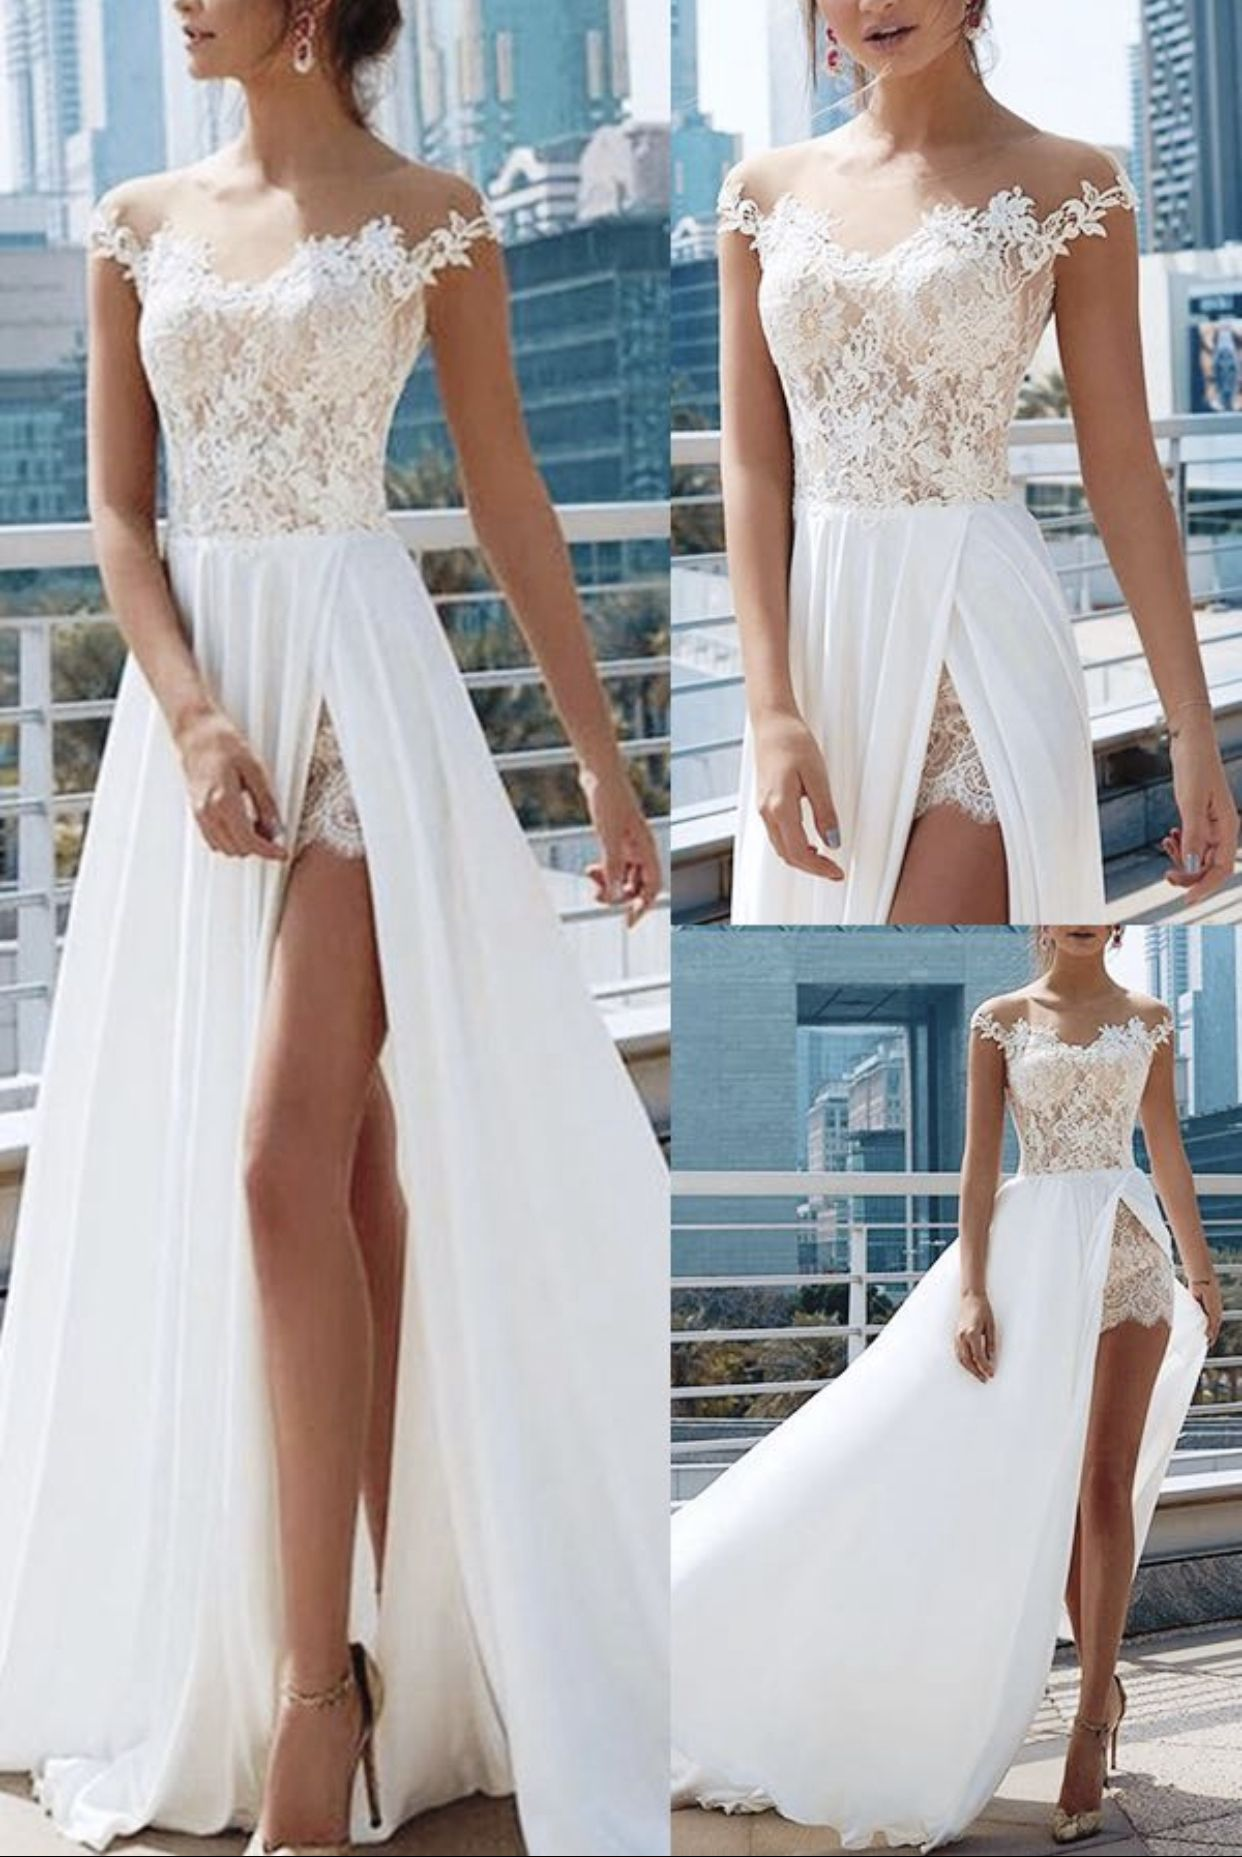 Illusion Neck Split Front Lace Beach Wedding Dress 2019 Lace